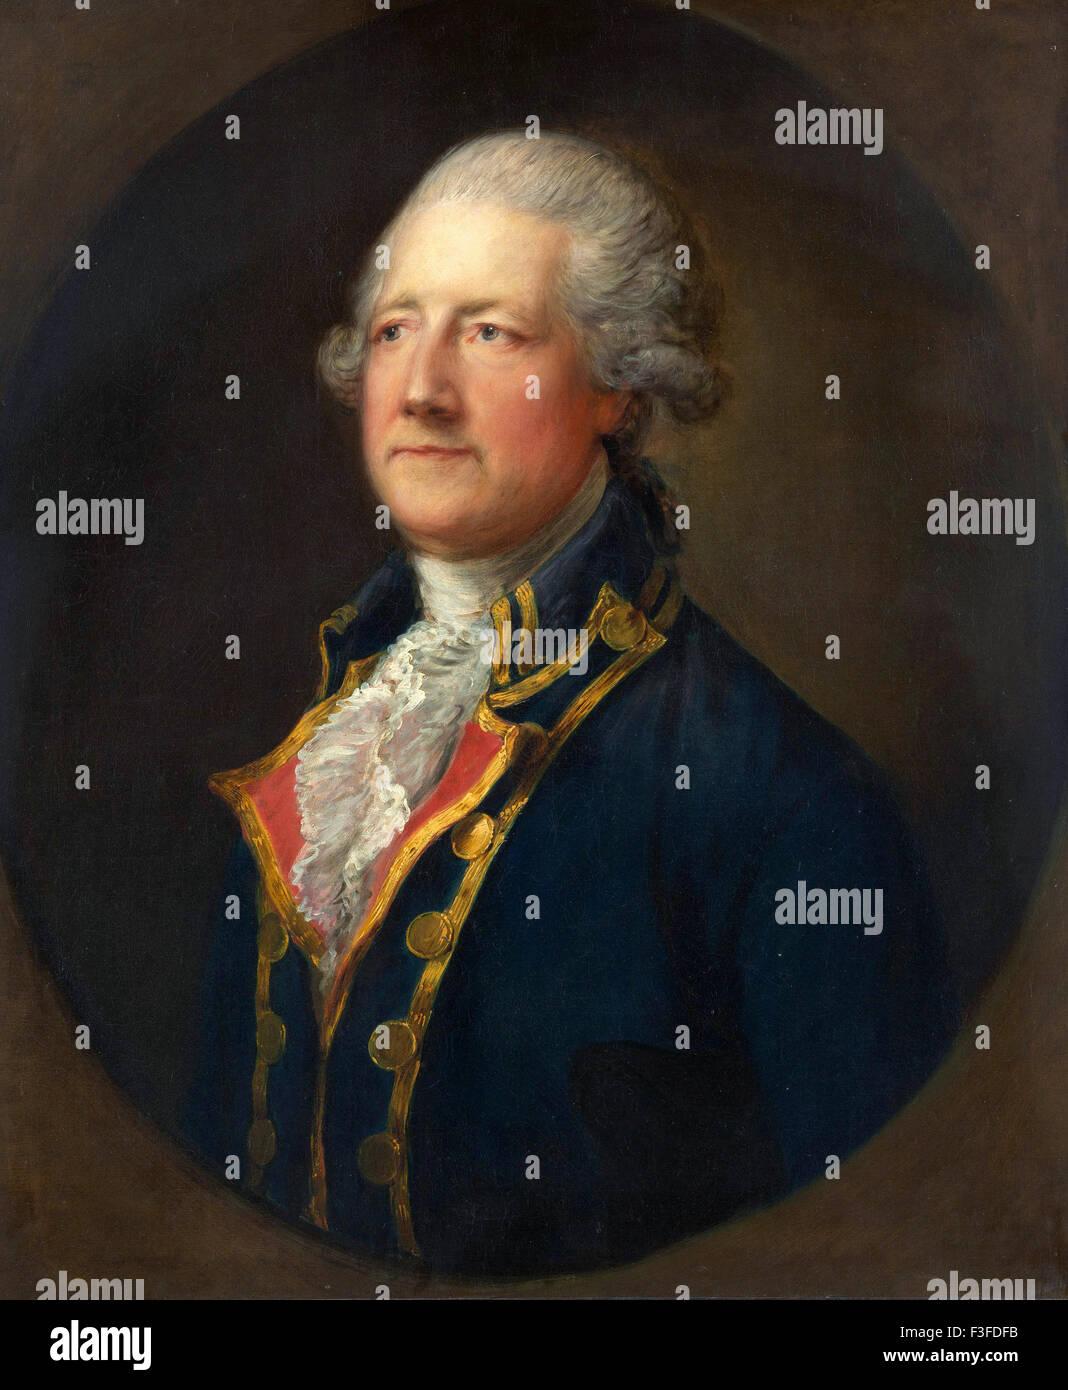 Thomas Gainsboroug - John Hobart, 2nd Earl of Buckinghamshire - Stock Image